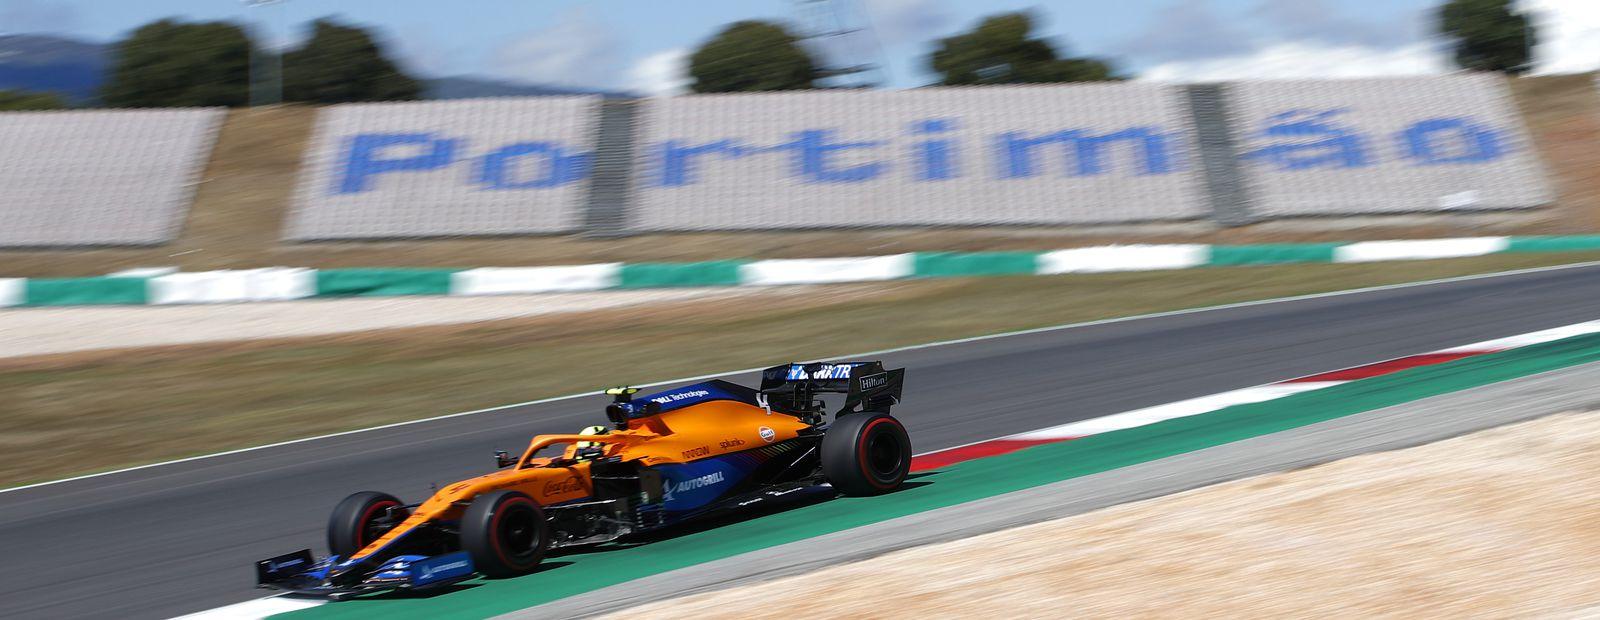 2021 Portuguese Grand Prix – Free Practice